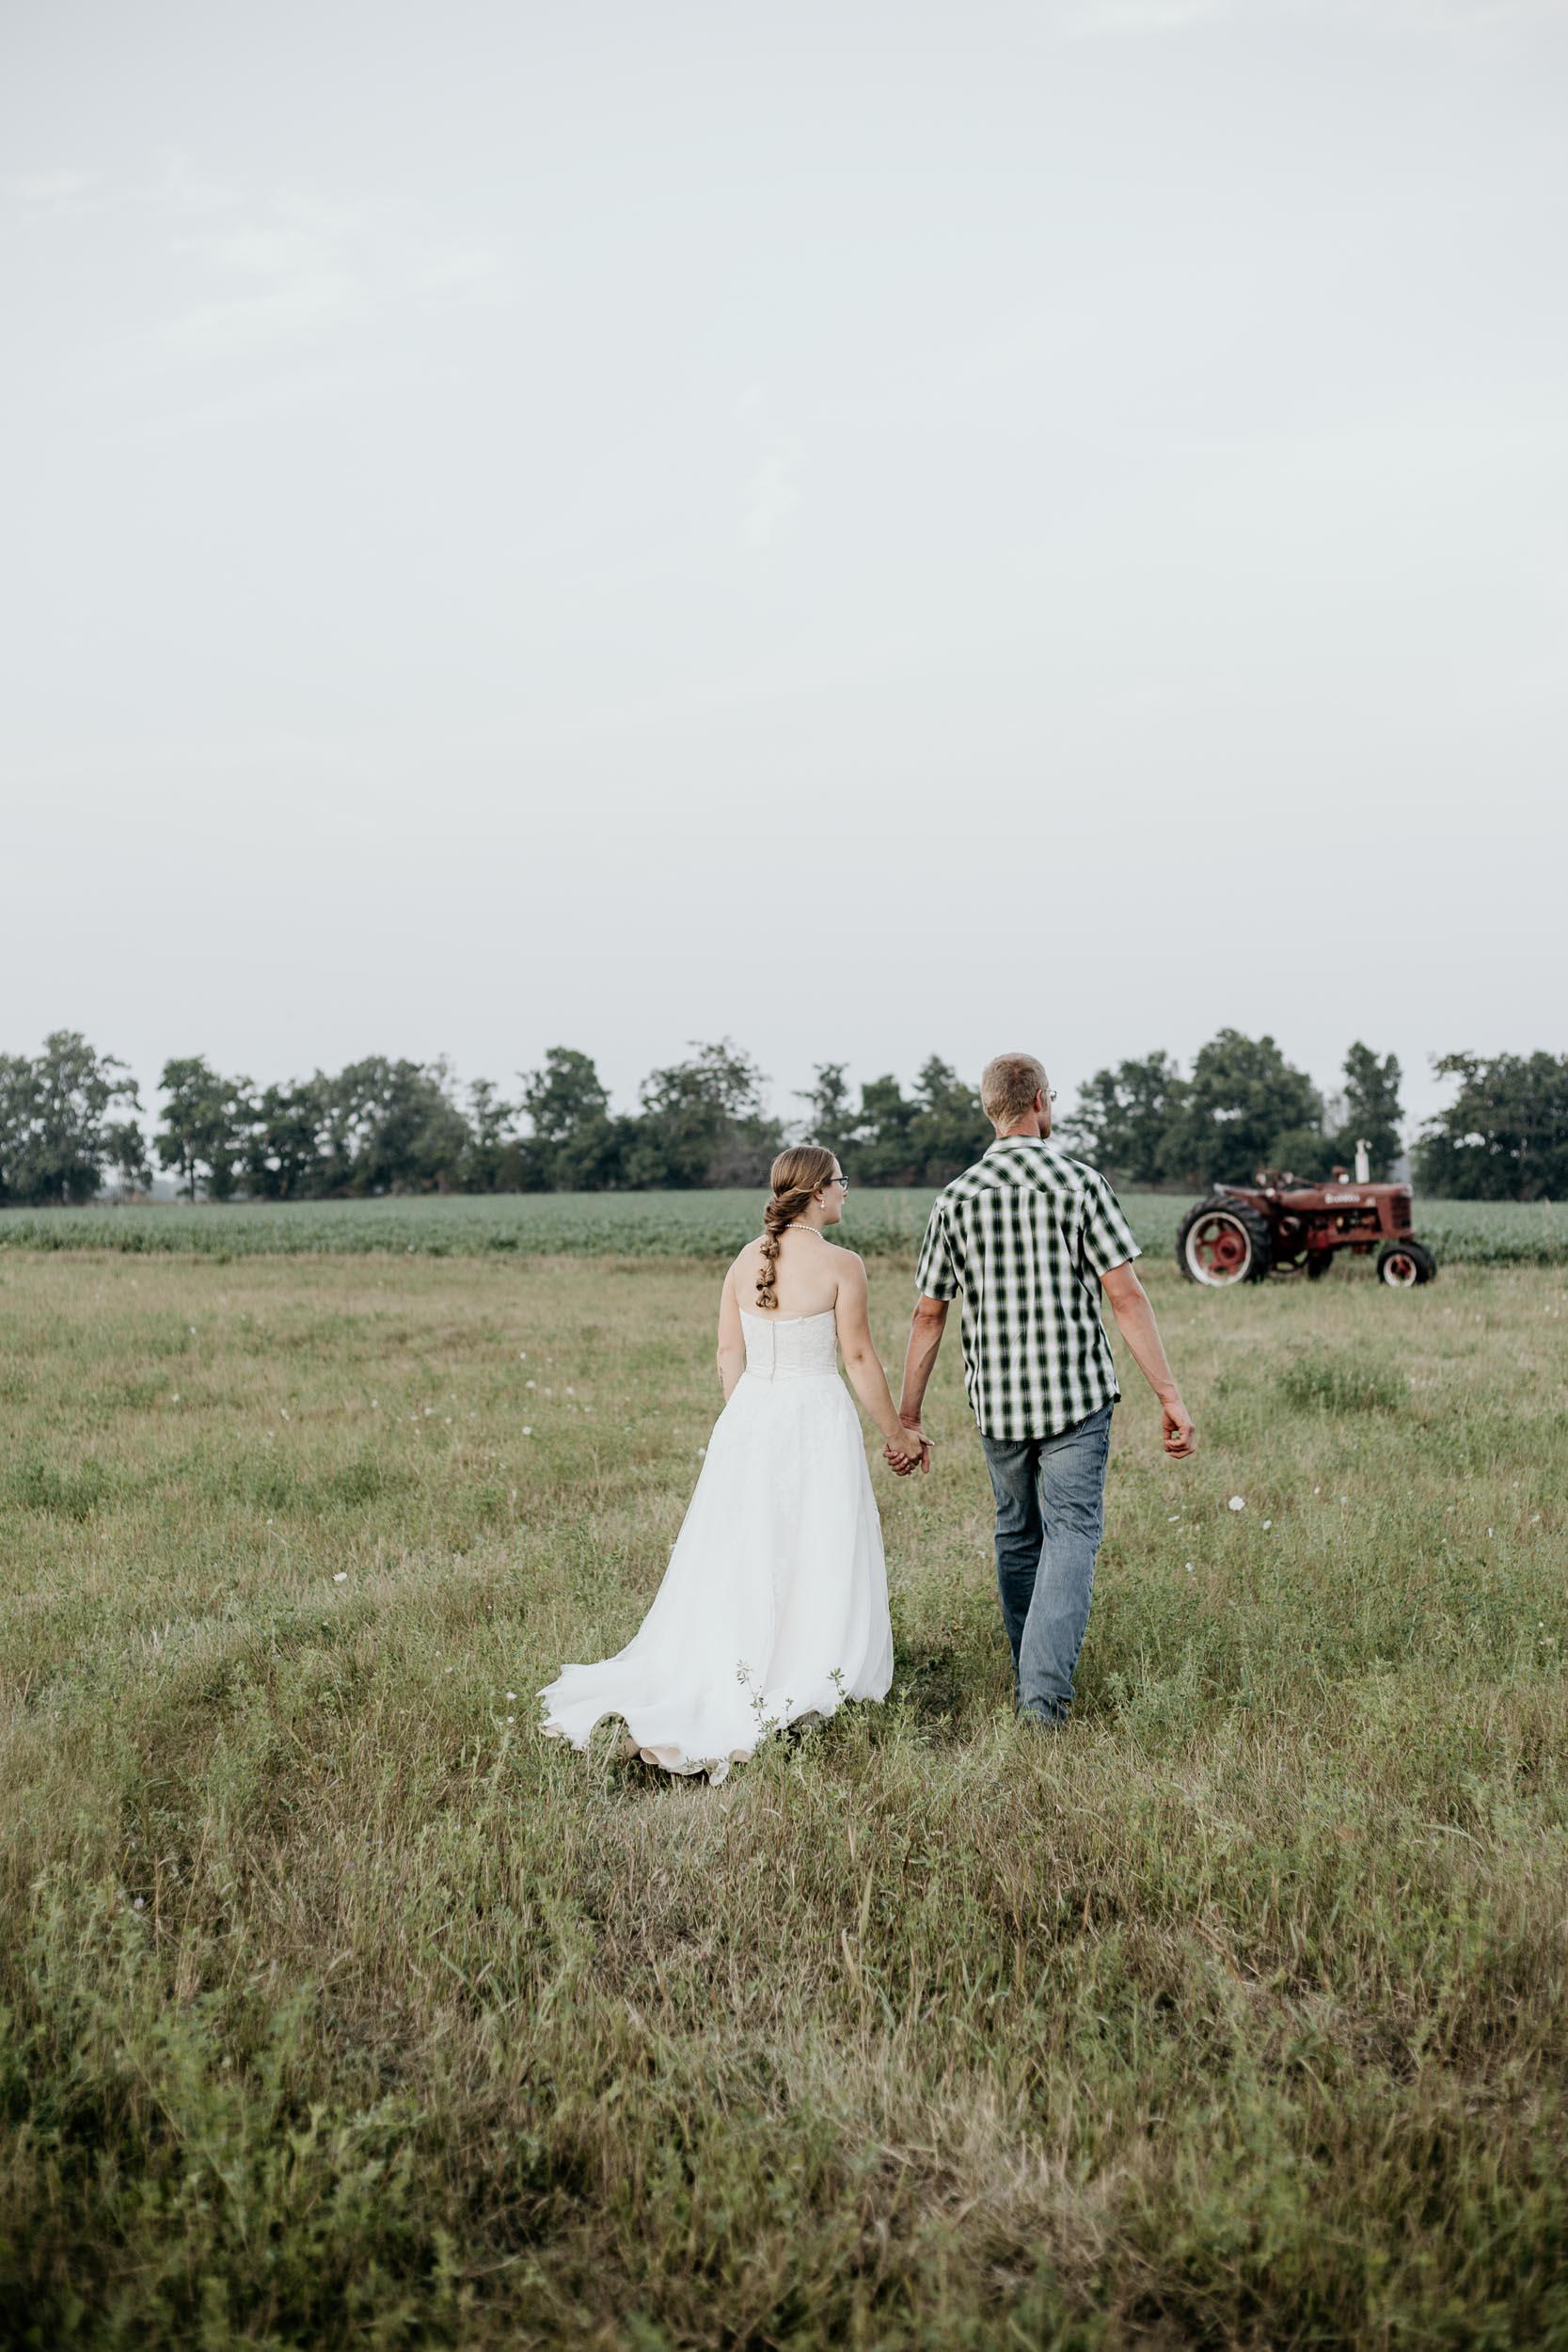 intimate-wedding-elopement-photographer-ottawa-joshua-tree-3212.jpg